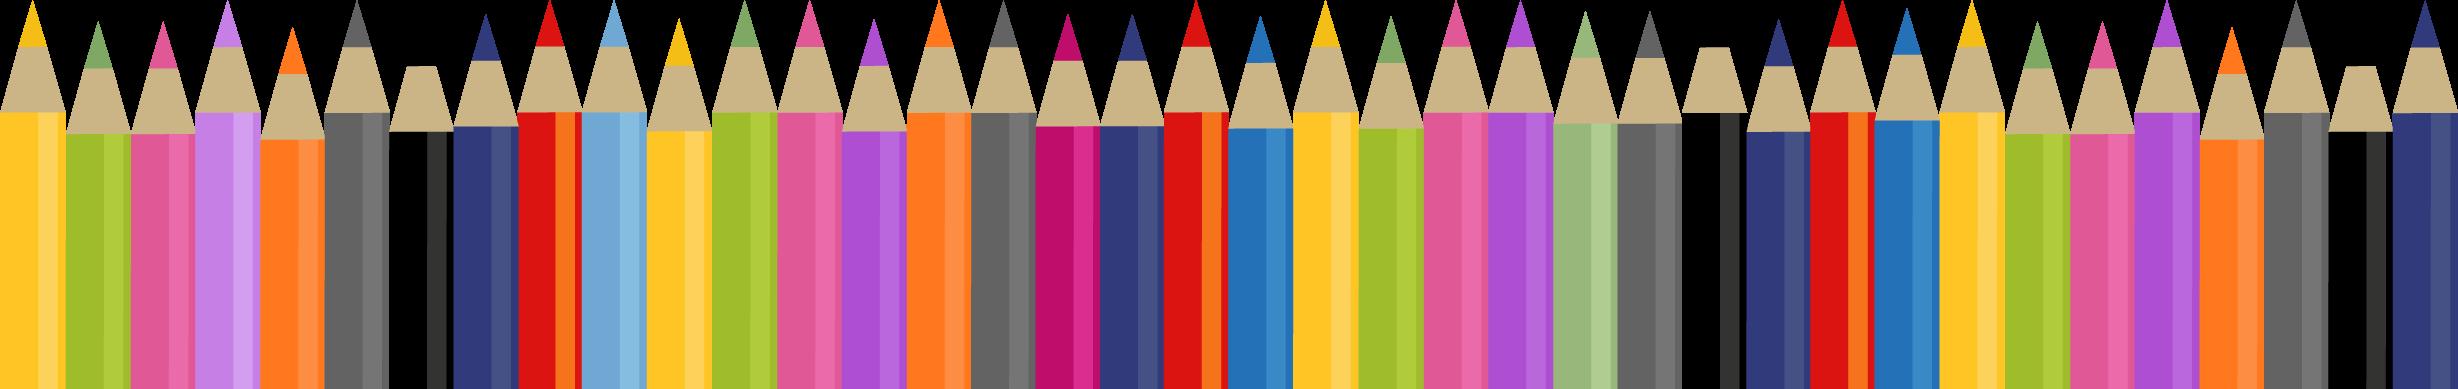 pencil crayson